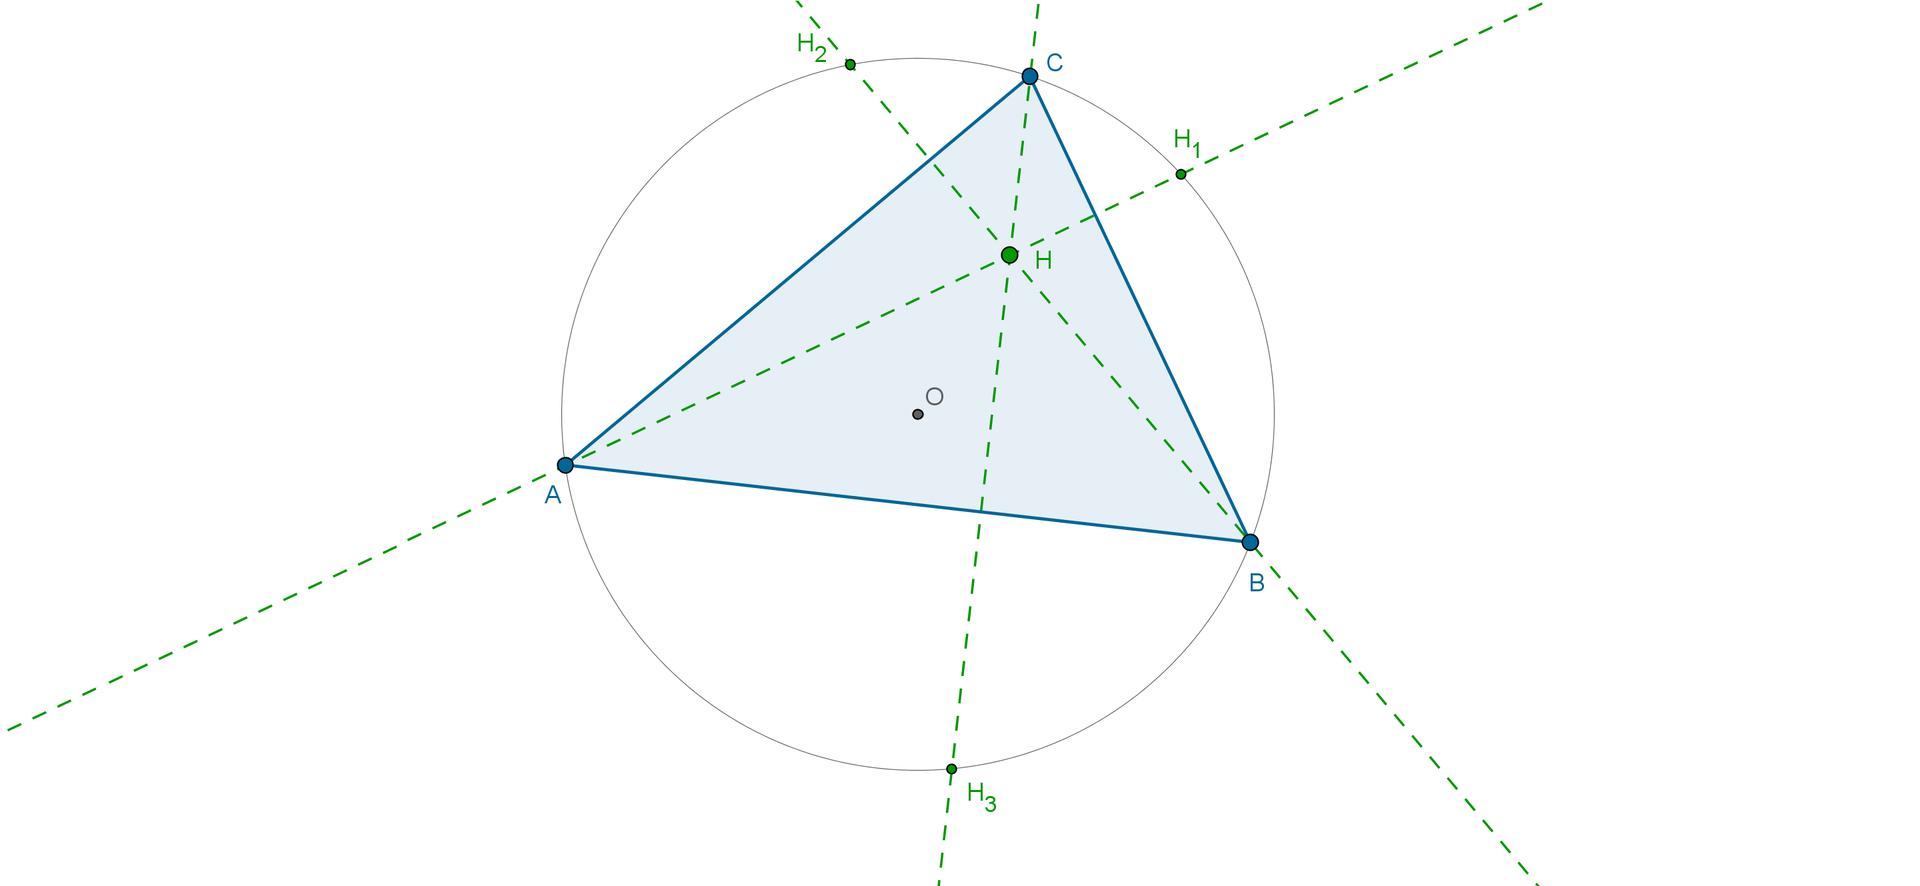 Rysunek trójkąta ostrokątnego ABC. Wysokości: Hzindeksem dolnym jeden, Hzindeksem dolnym dwa, Hzindeksem dolnym trzy, poprowadzone odpowiednio zwierzchołków A, BiCprzecinają się wpunkcie H.